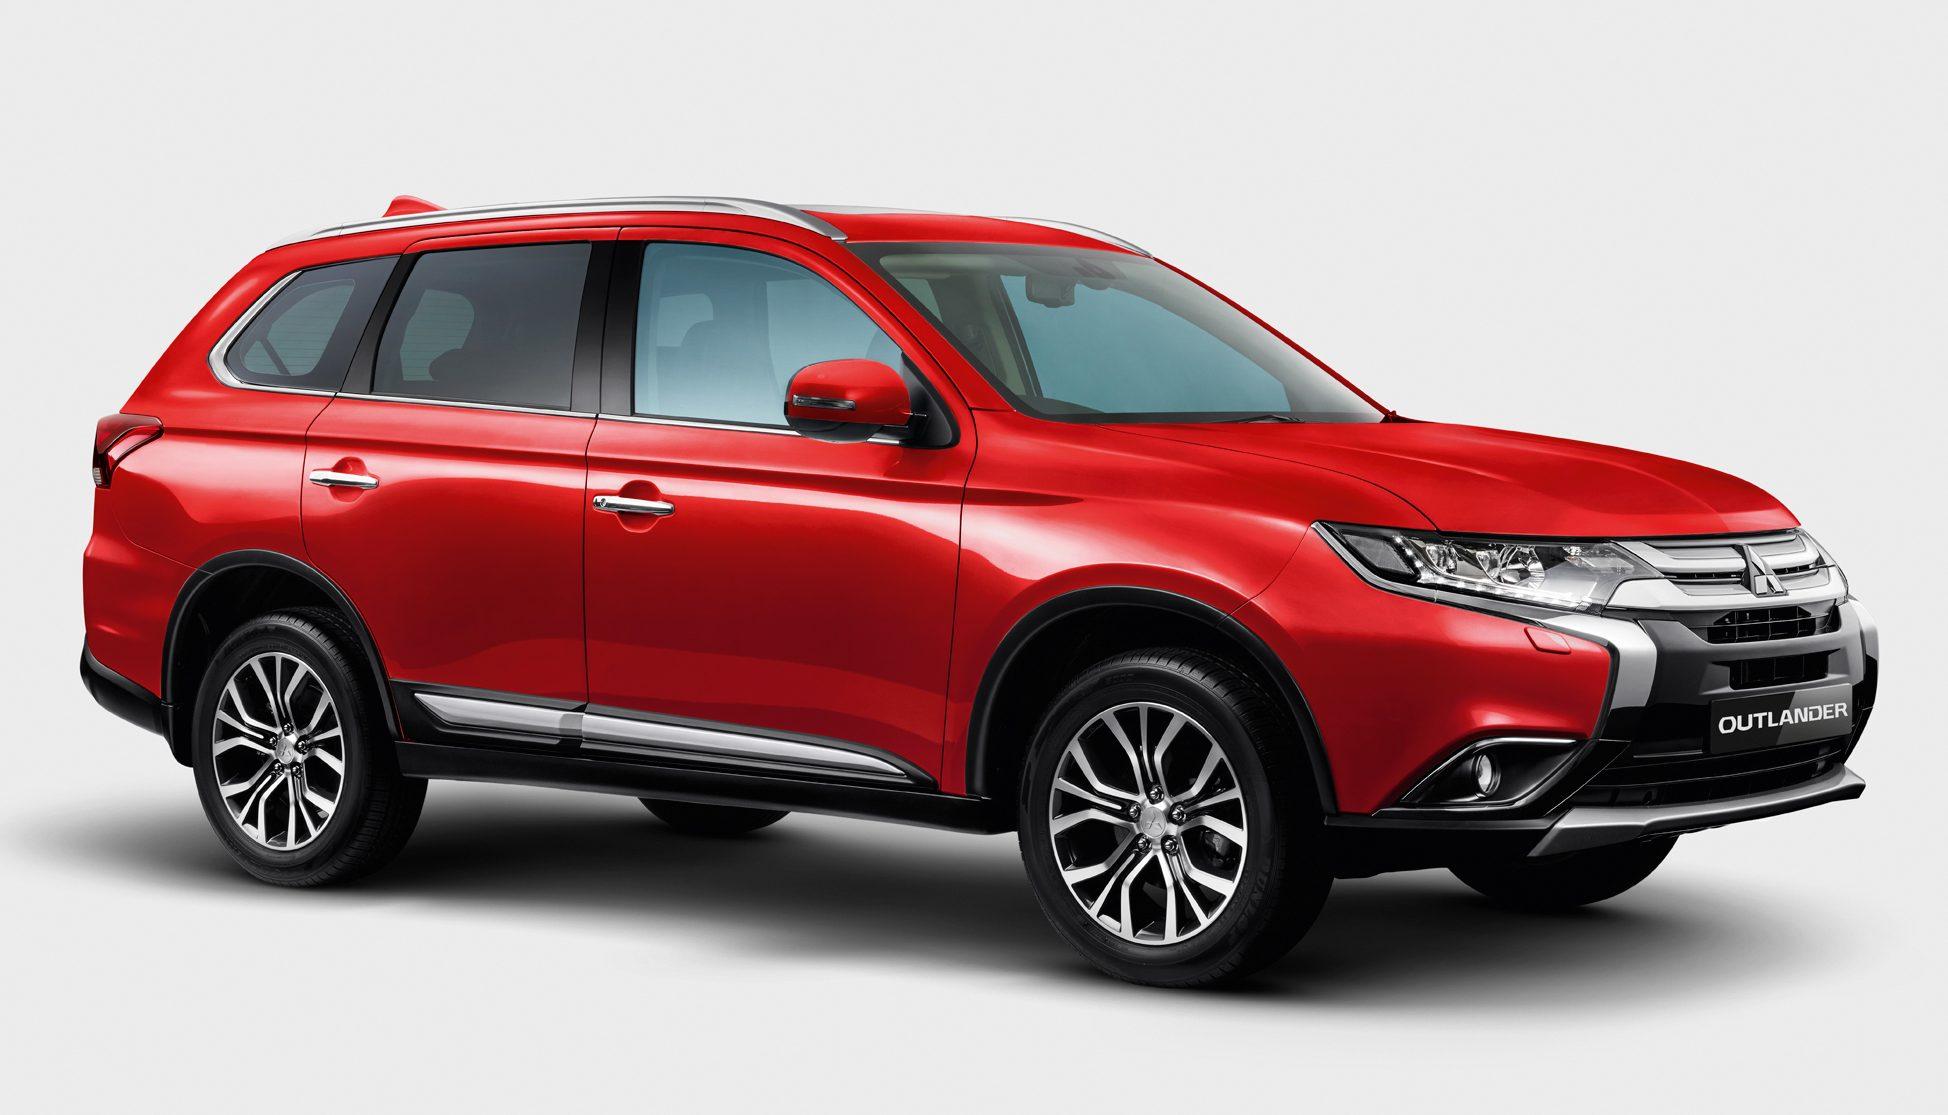 年尾促销拉开帷幕, Mitsubishi 提供高达RM11K折扣优惠! Outlander SUV- Holiday ...